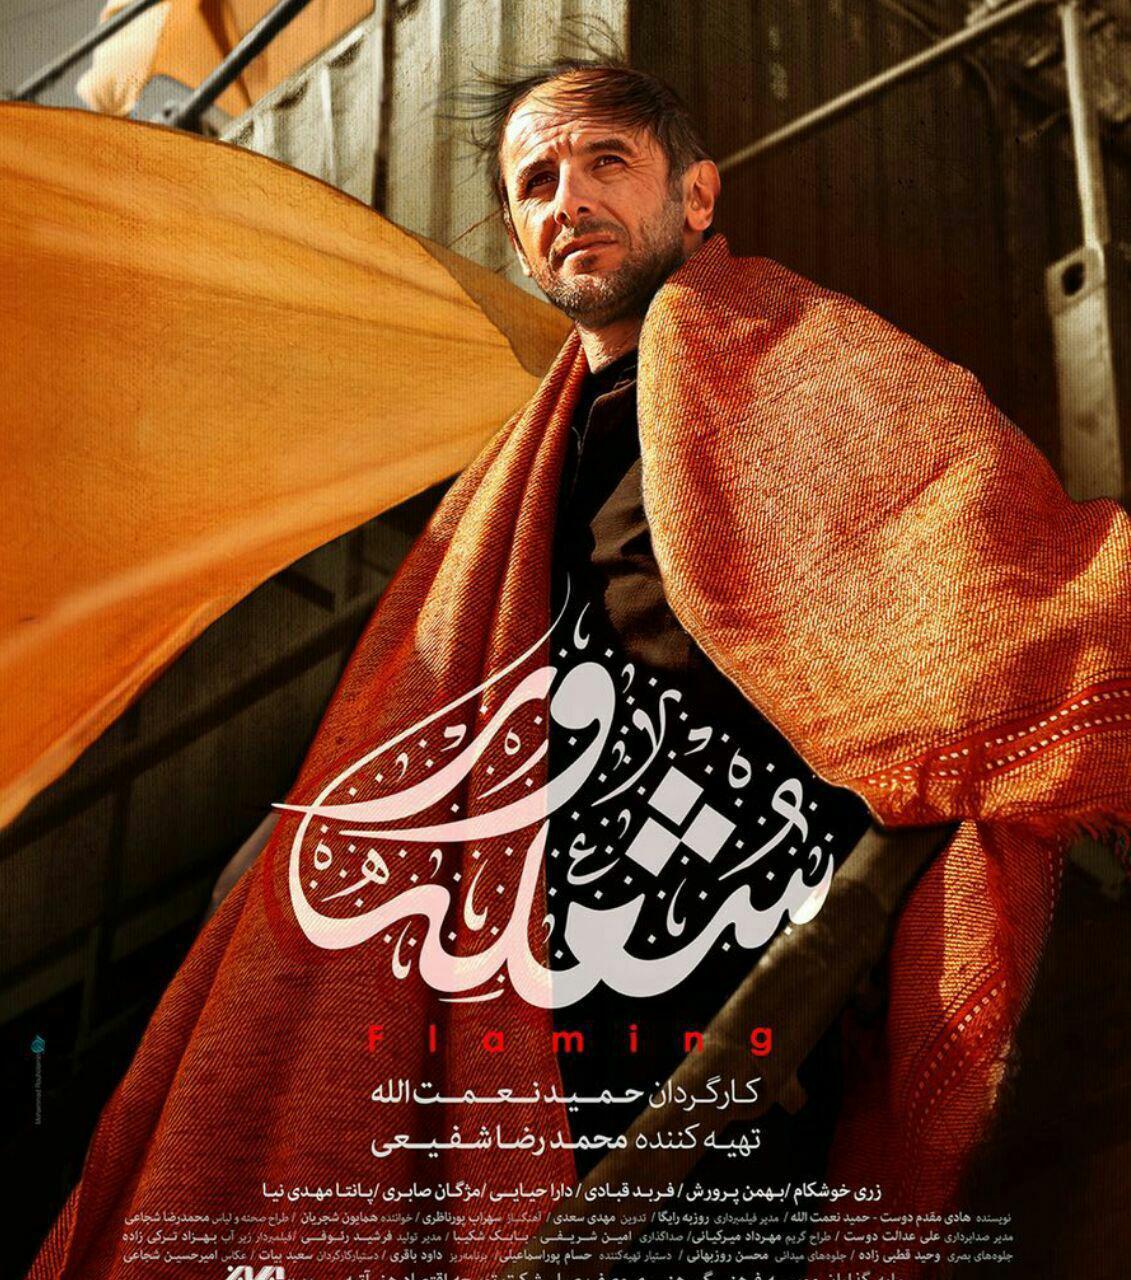 پوستر فیلم سینمایی شعلهور به کارگردانی حمید نعمتالله